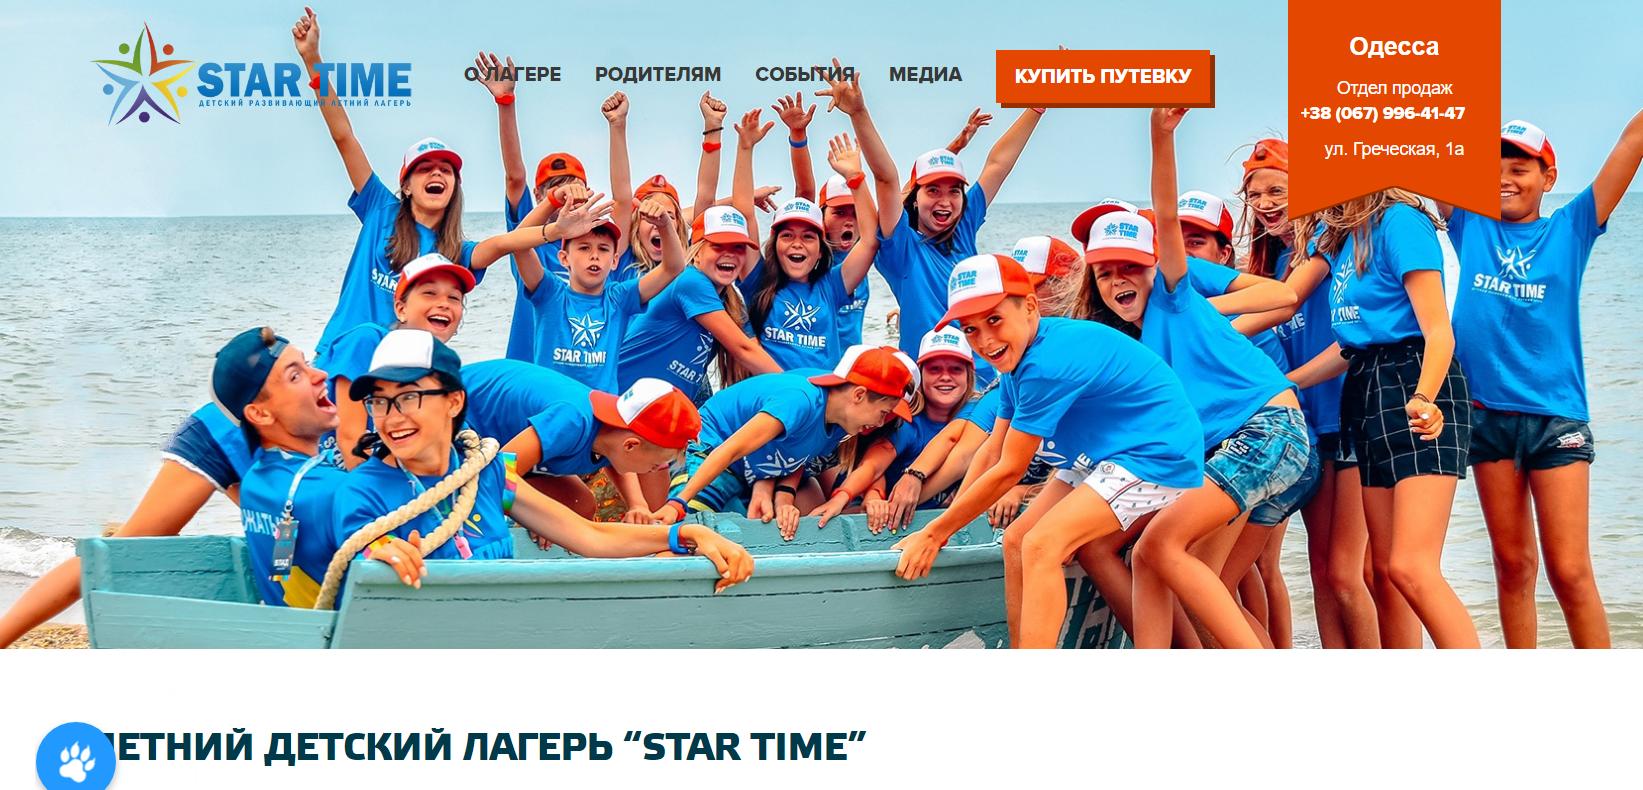 Детский лагерь в Украине STAR TIME - подходящее место для детского отдыха